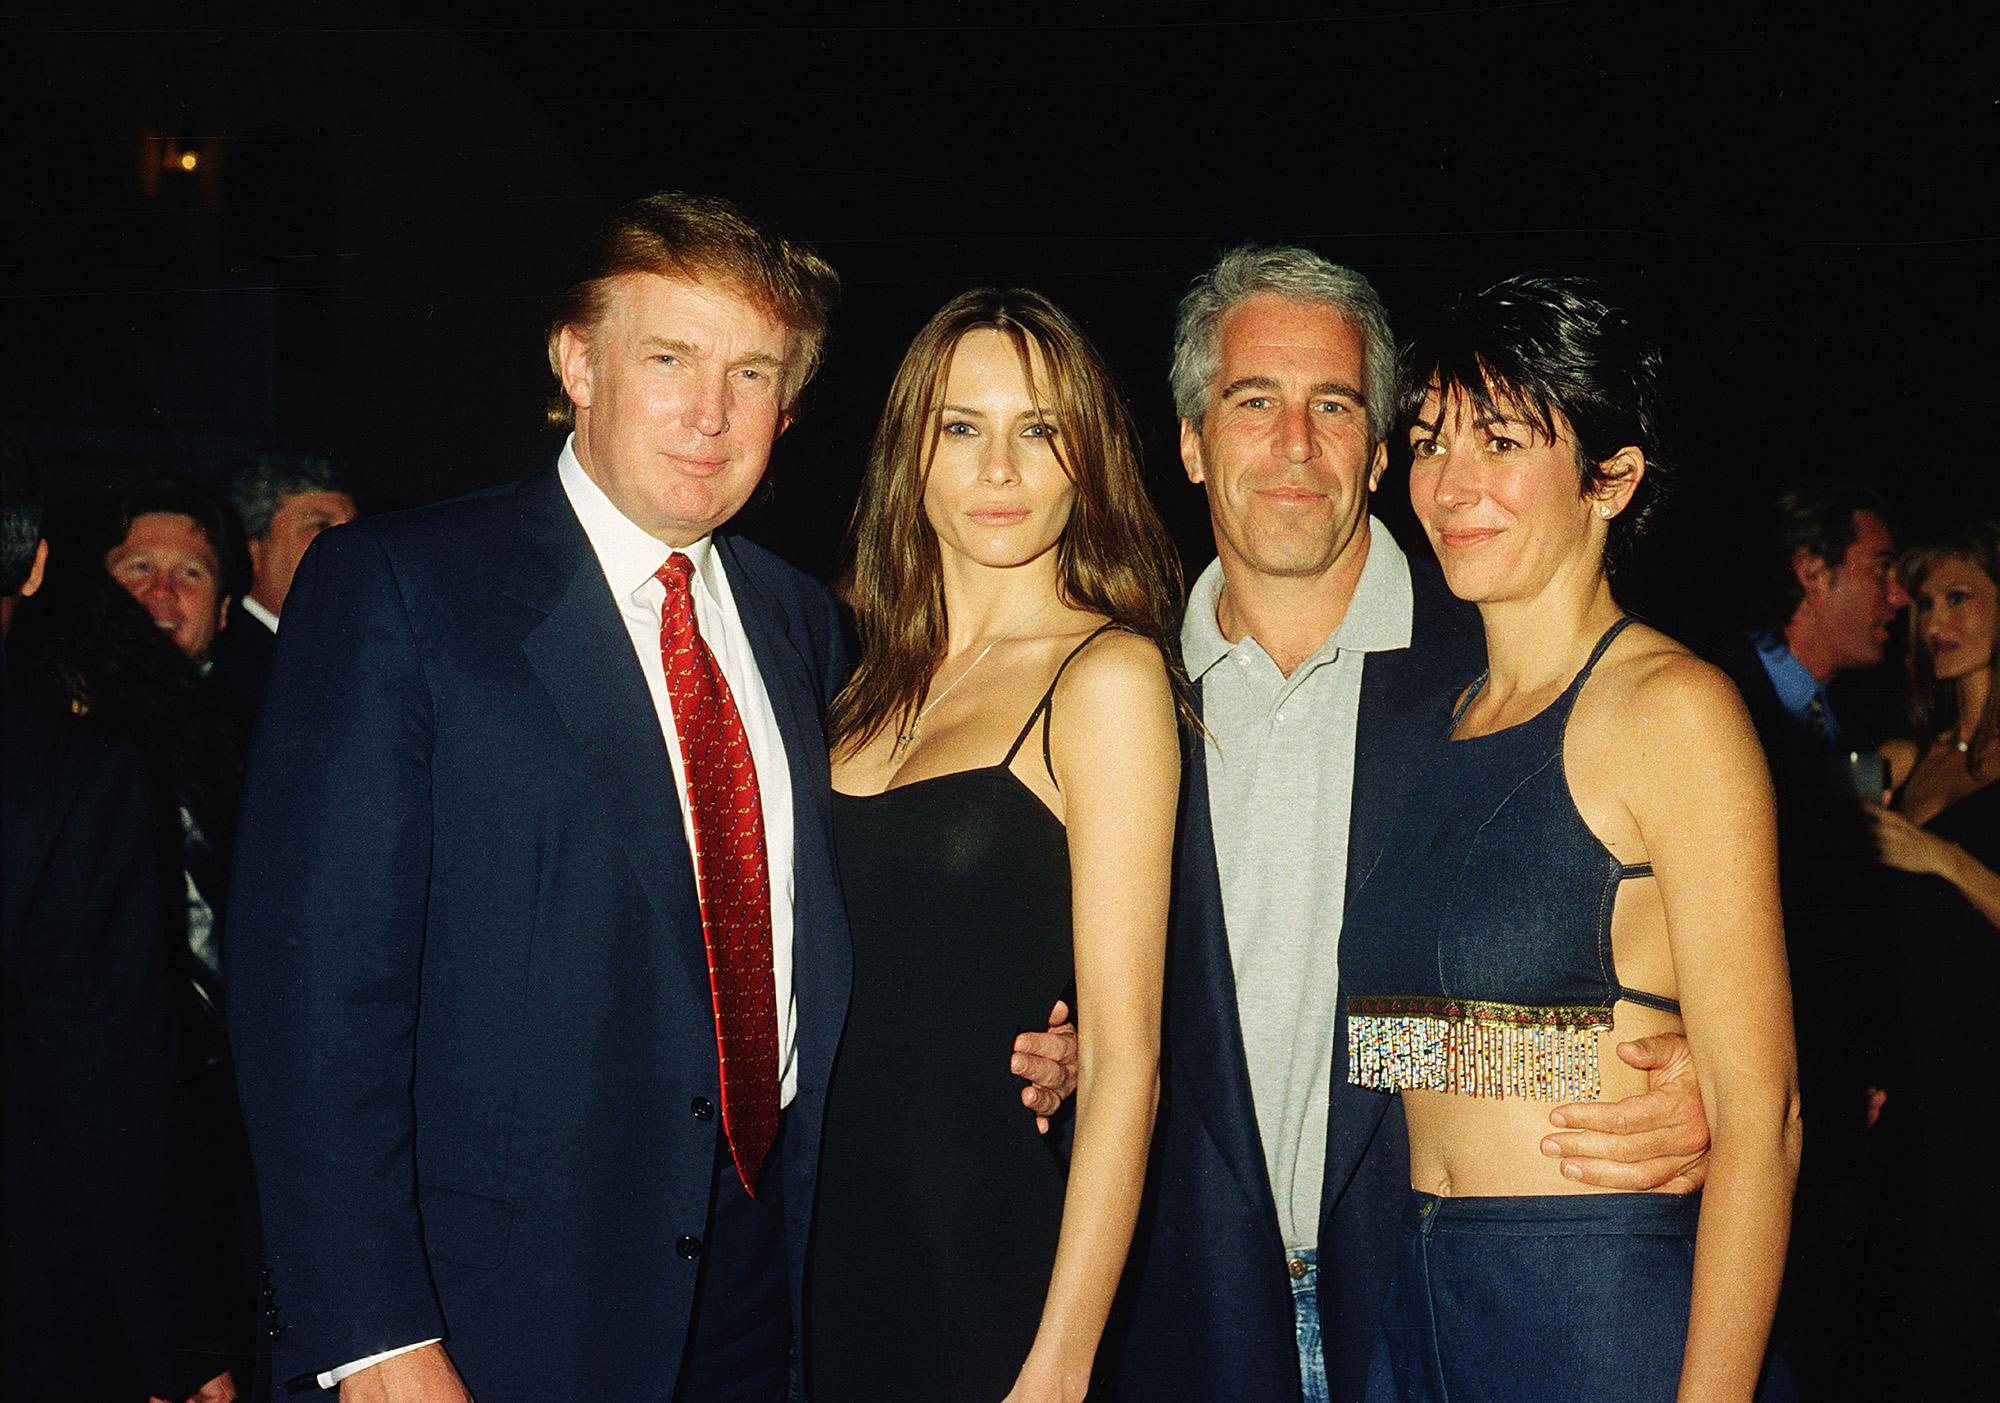 Donald Trumpék és Jeffrey Epsteinék 2000-ben (fotó: Davidoff Studios/Getty Images)